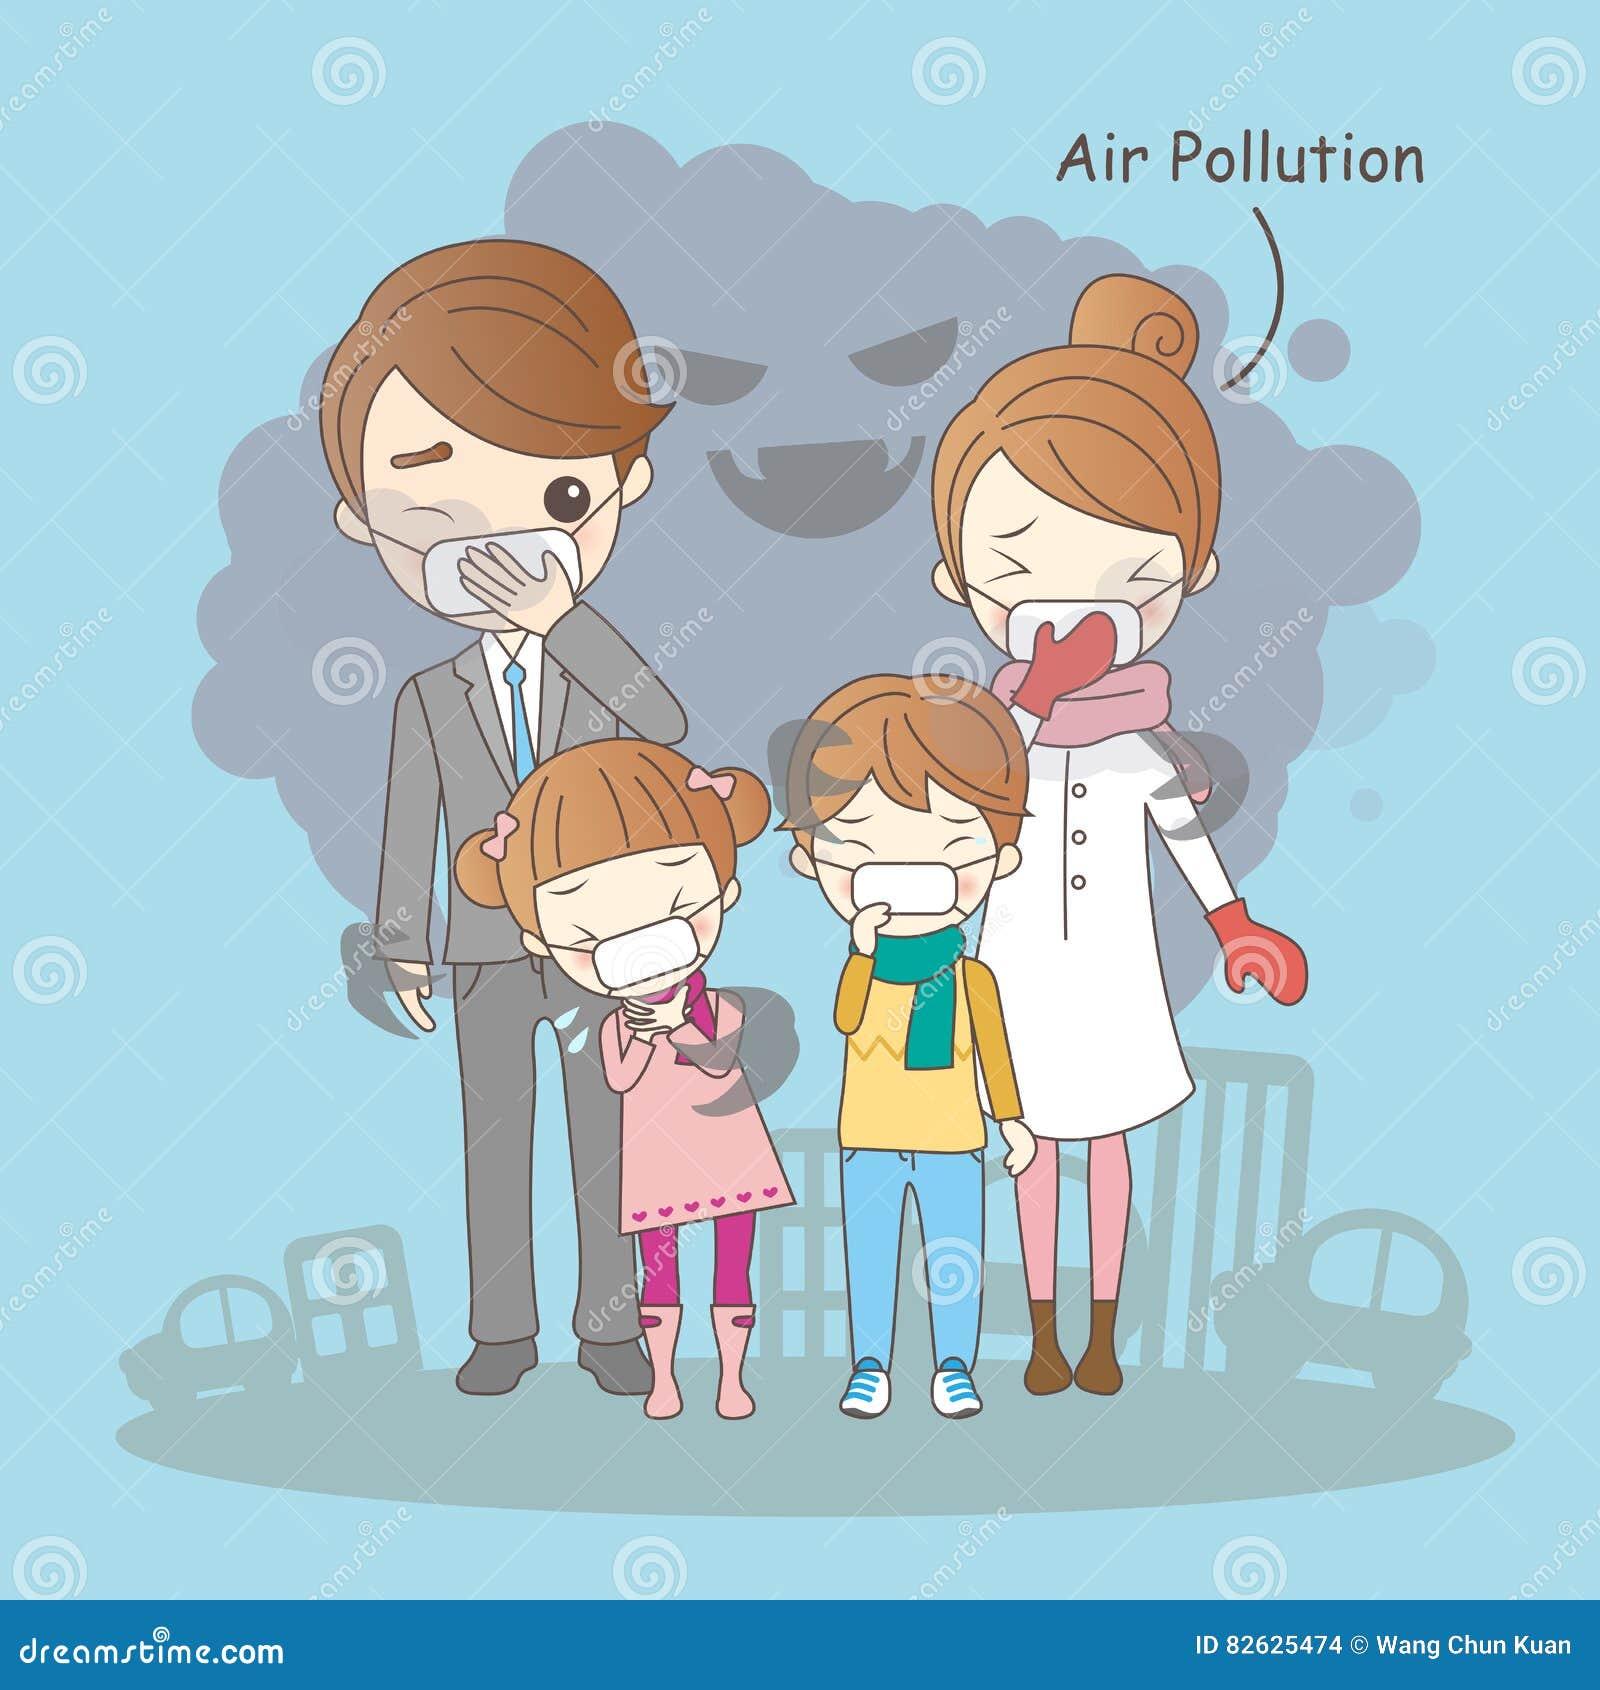 Karikaturfamilie mit Luftverschmutzung